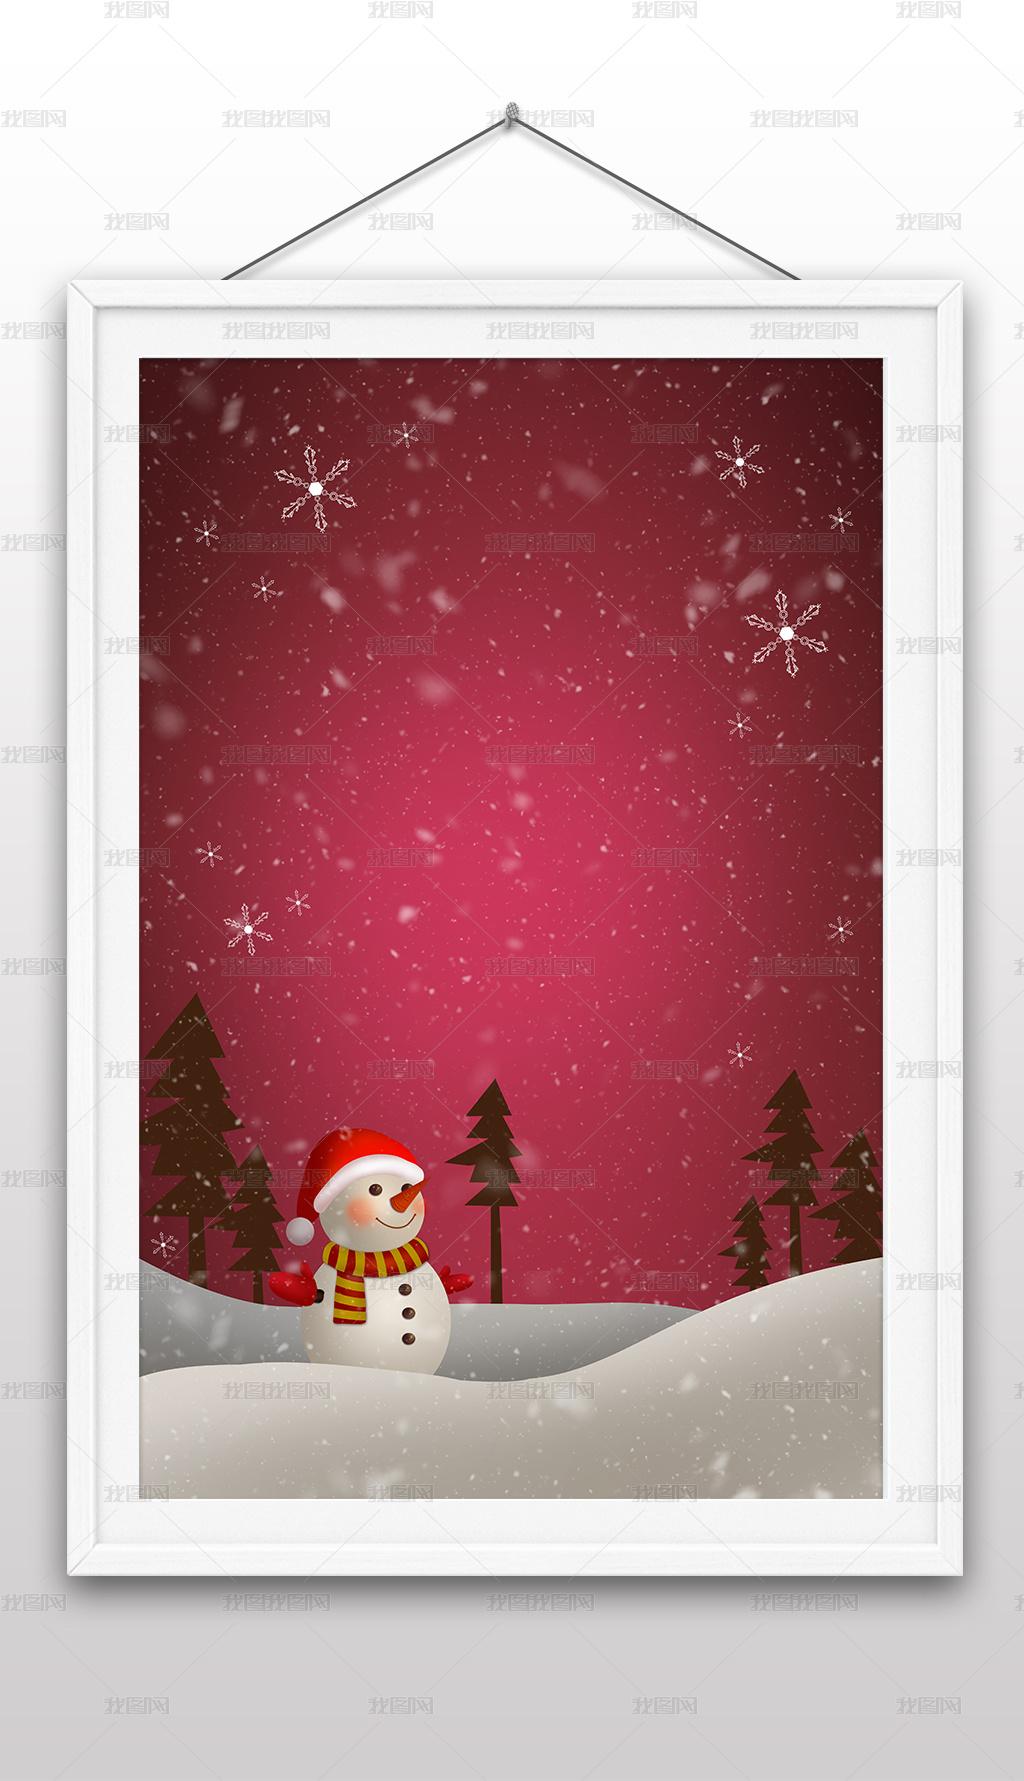 原創聖誕節冬季雪花雪人插畫海報背景素材